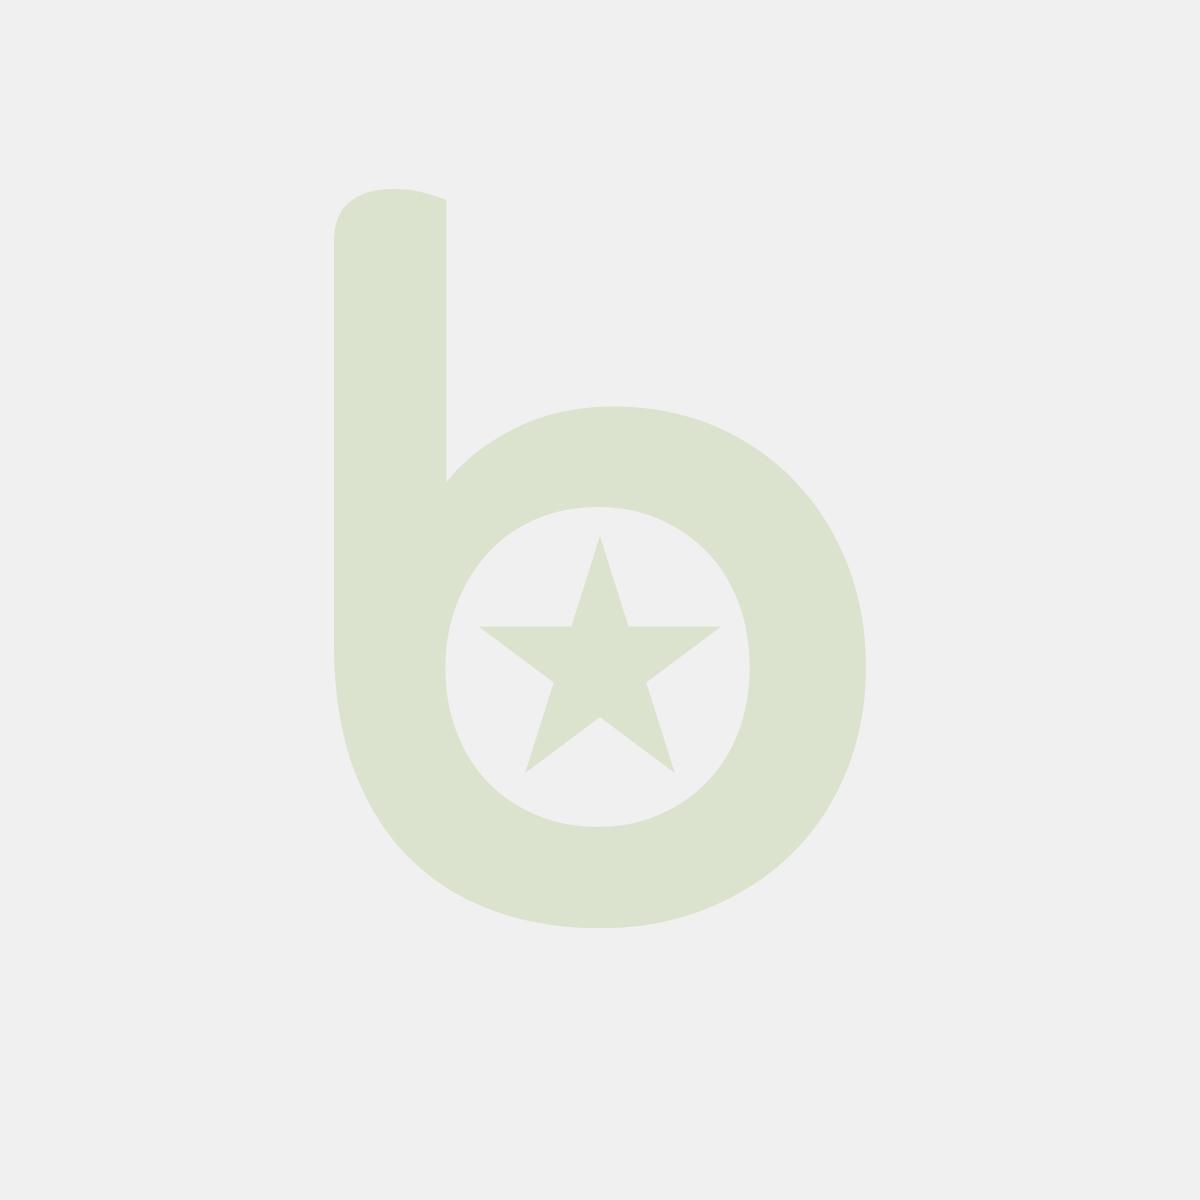 Folia do palet przeźroczysta 10cm 23mikrony, GRANAT, cena za 1 sztukę